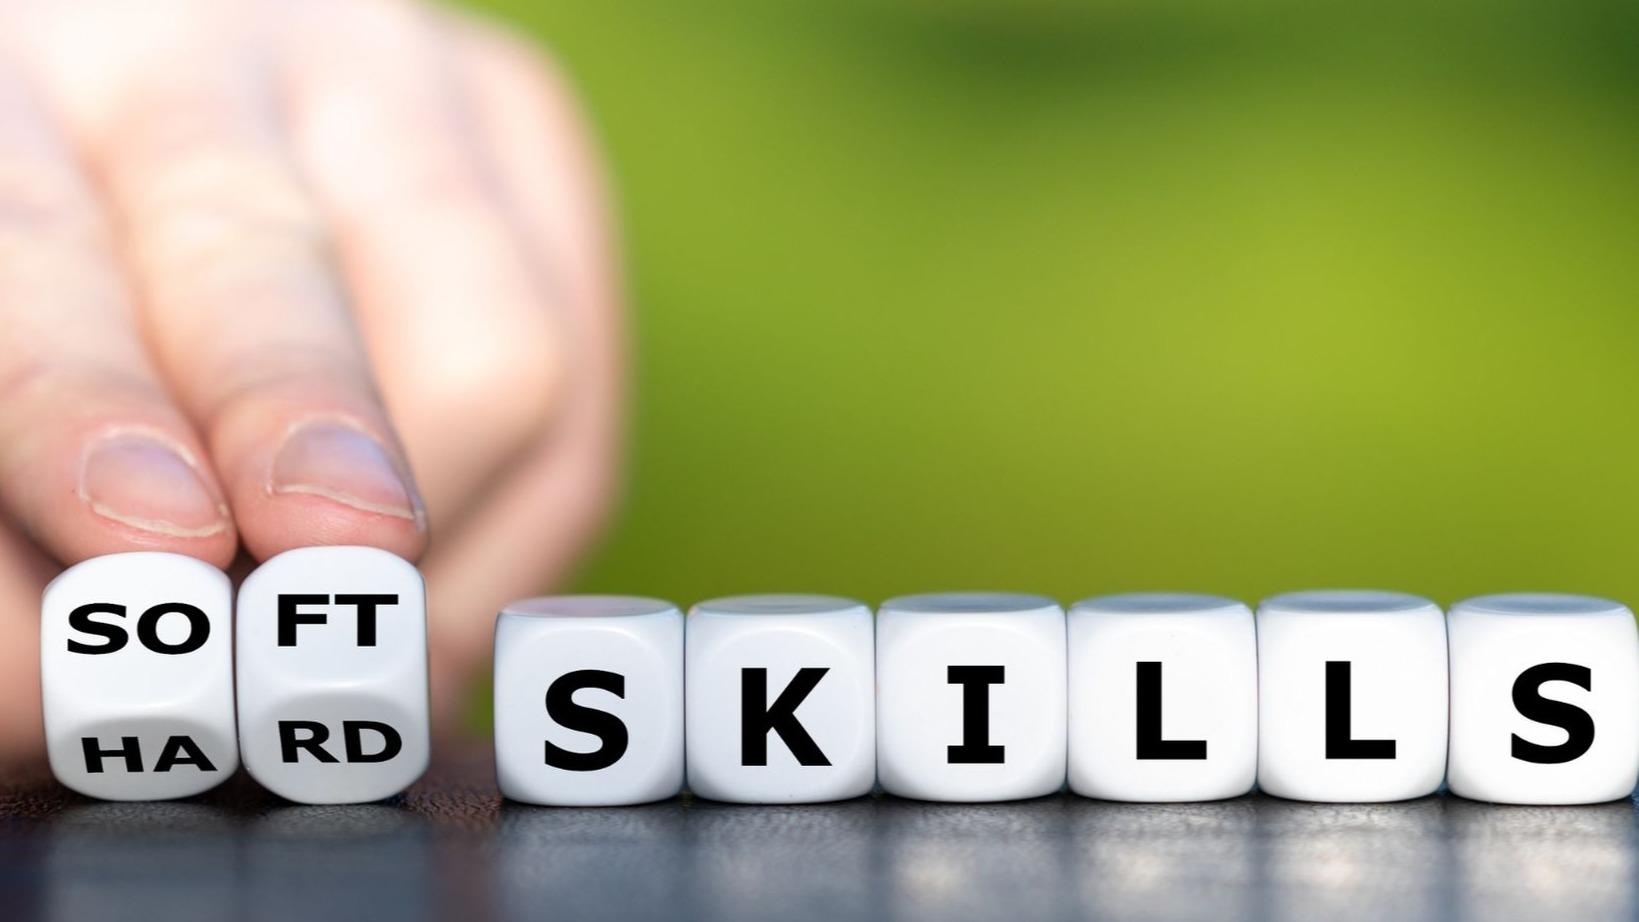 Représentation de la formation : Les Soft Skills comme facilitateurs d'embauche